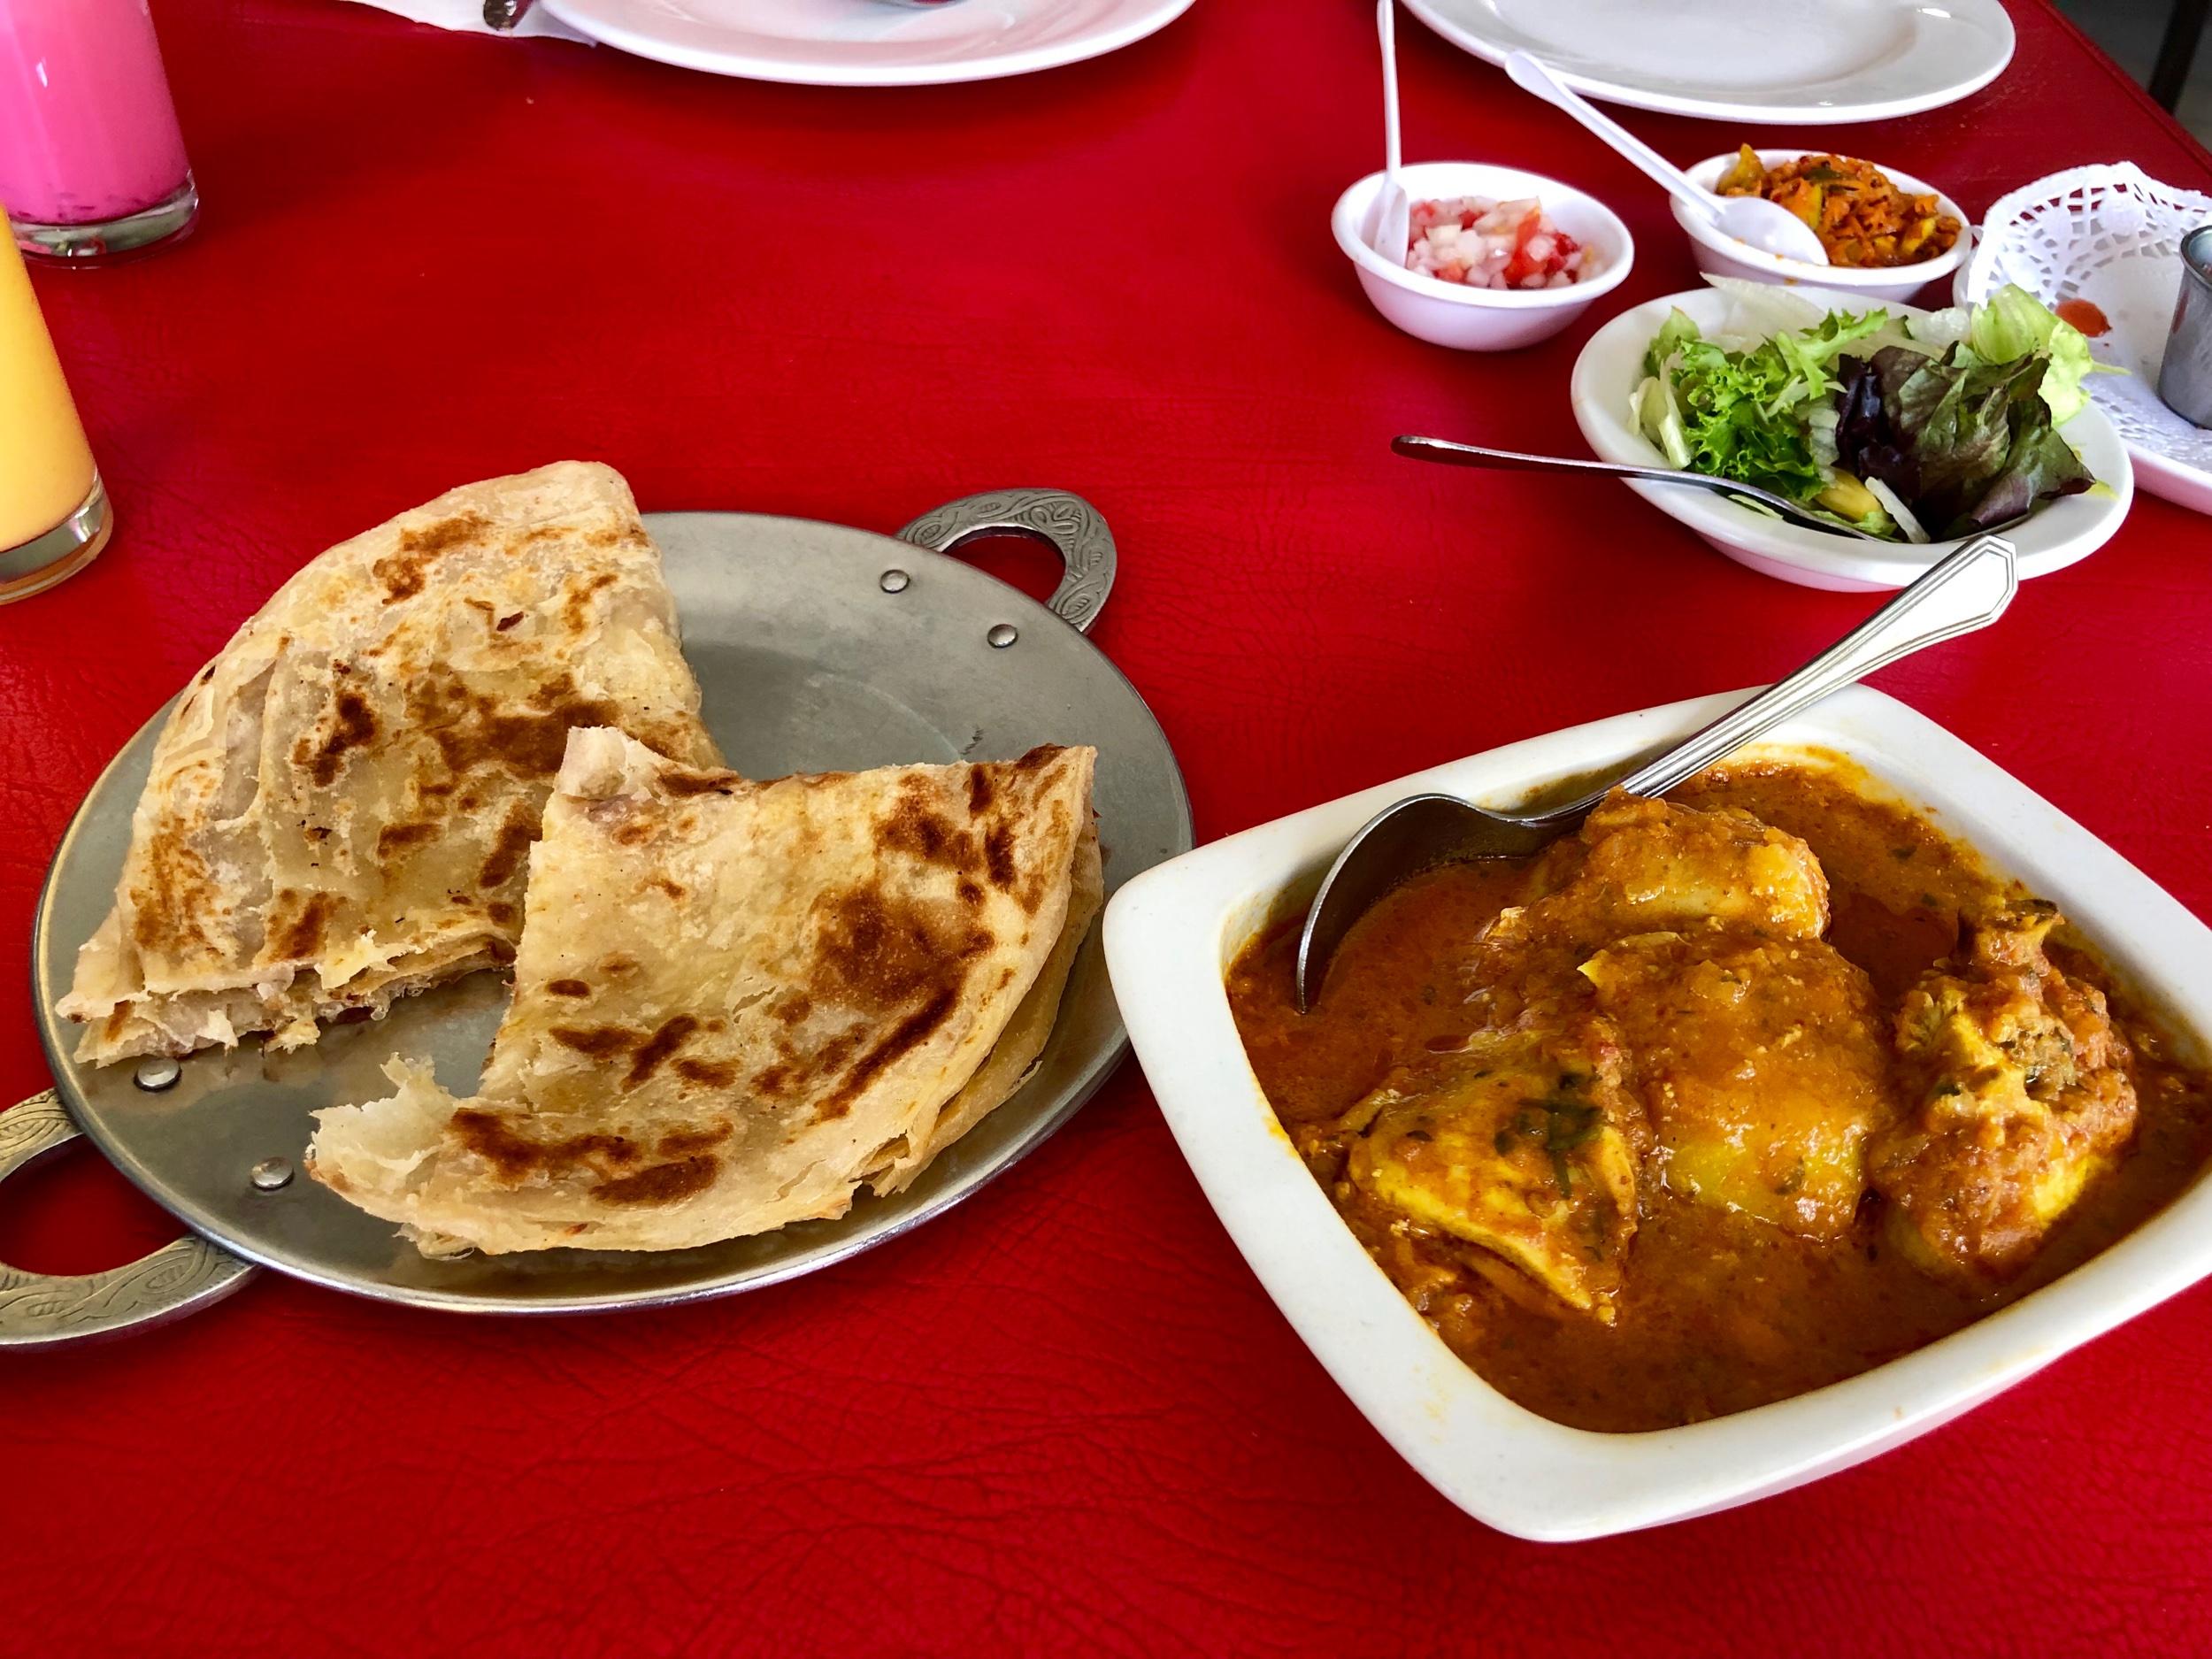 Cape Malay Curry Biesmiellah Restaurant